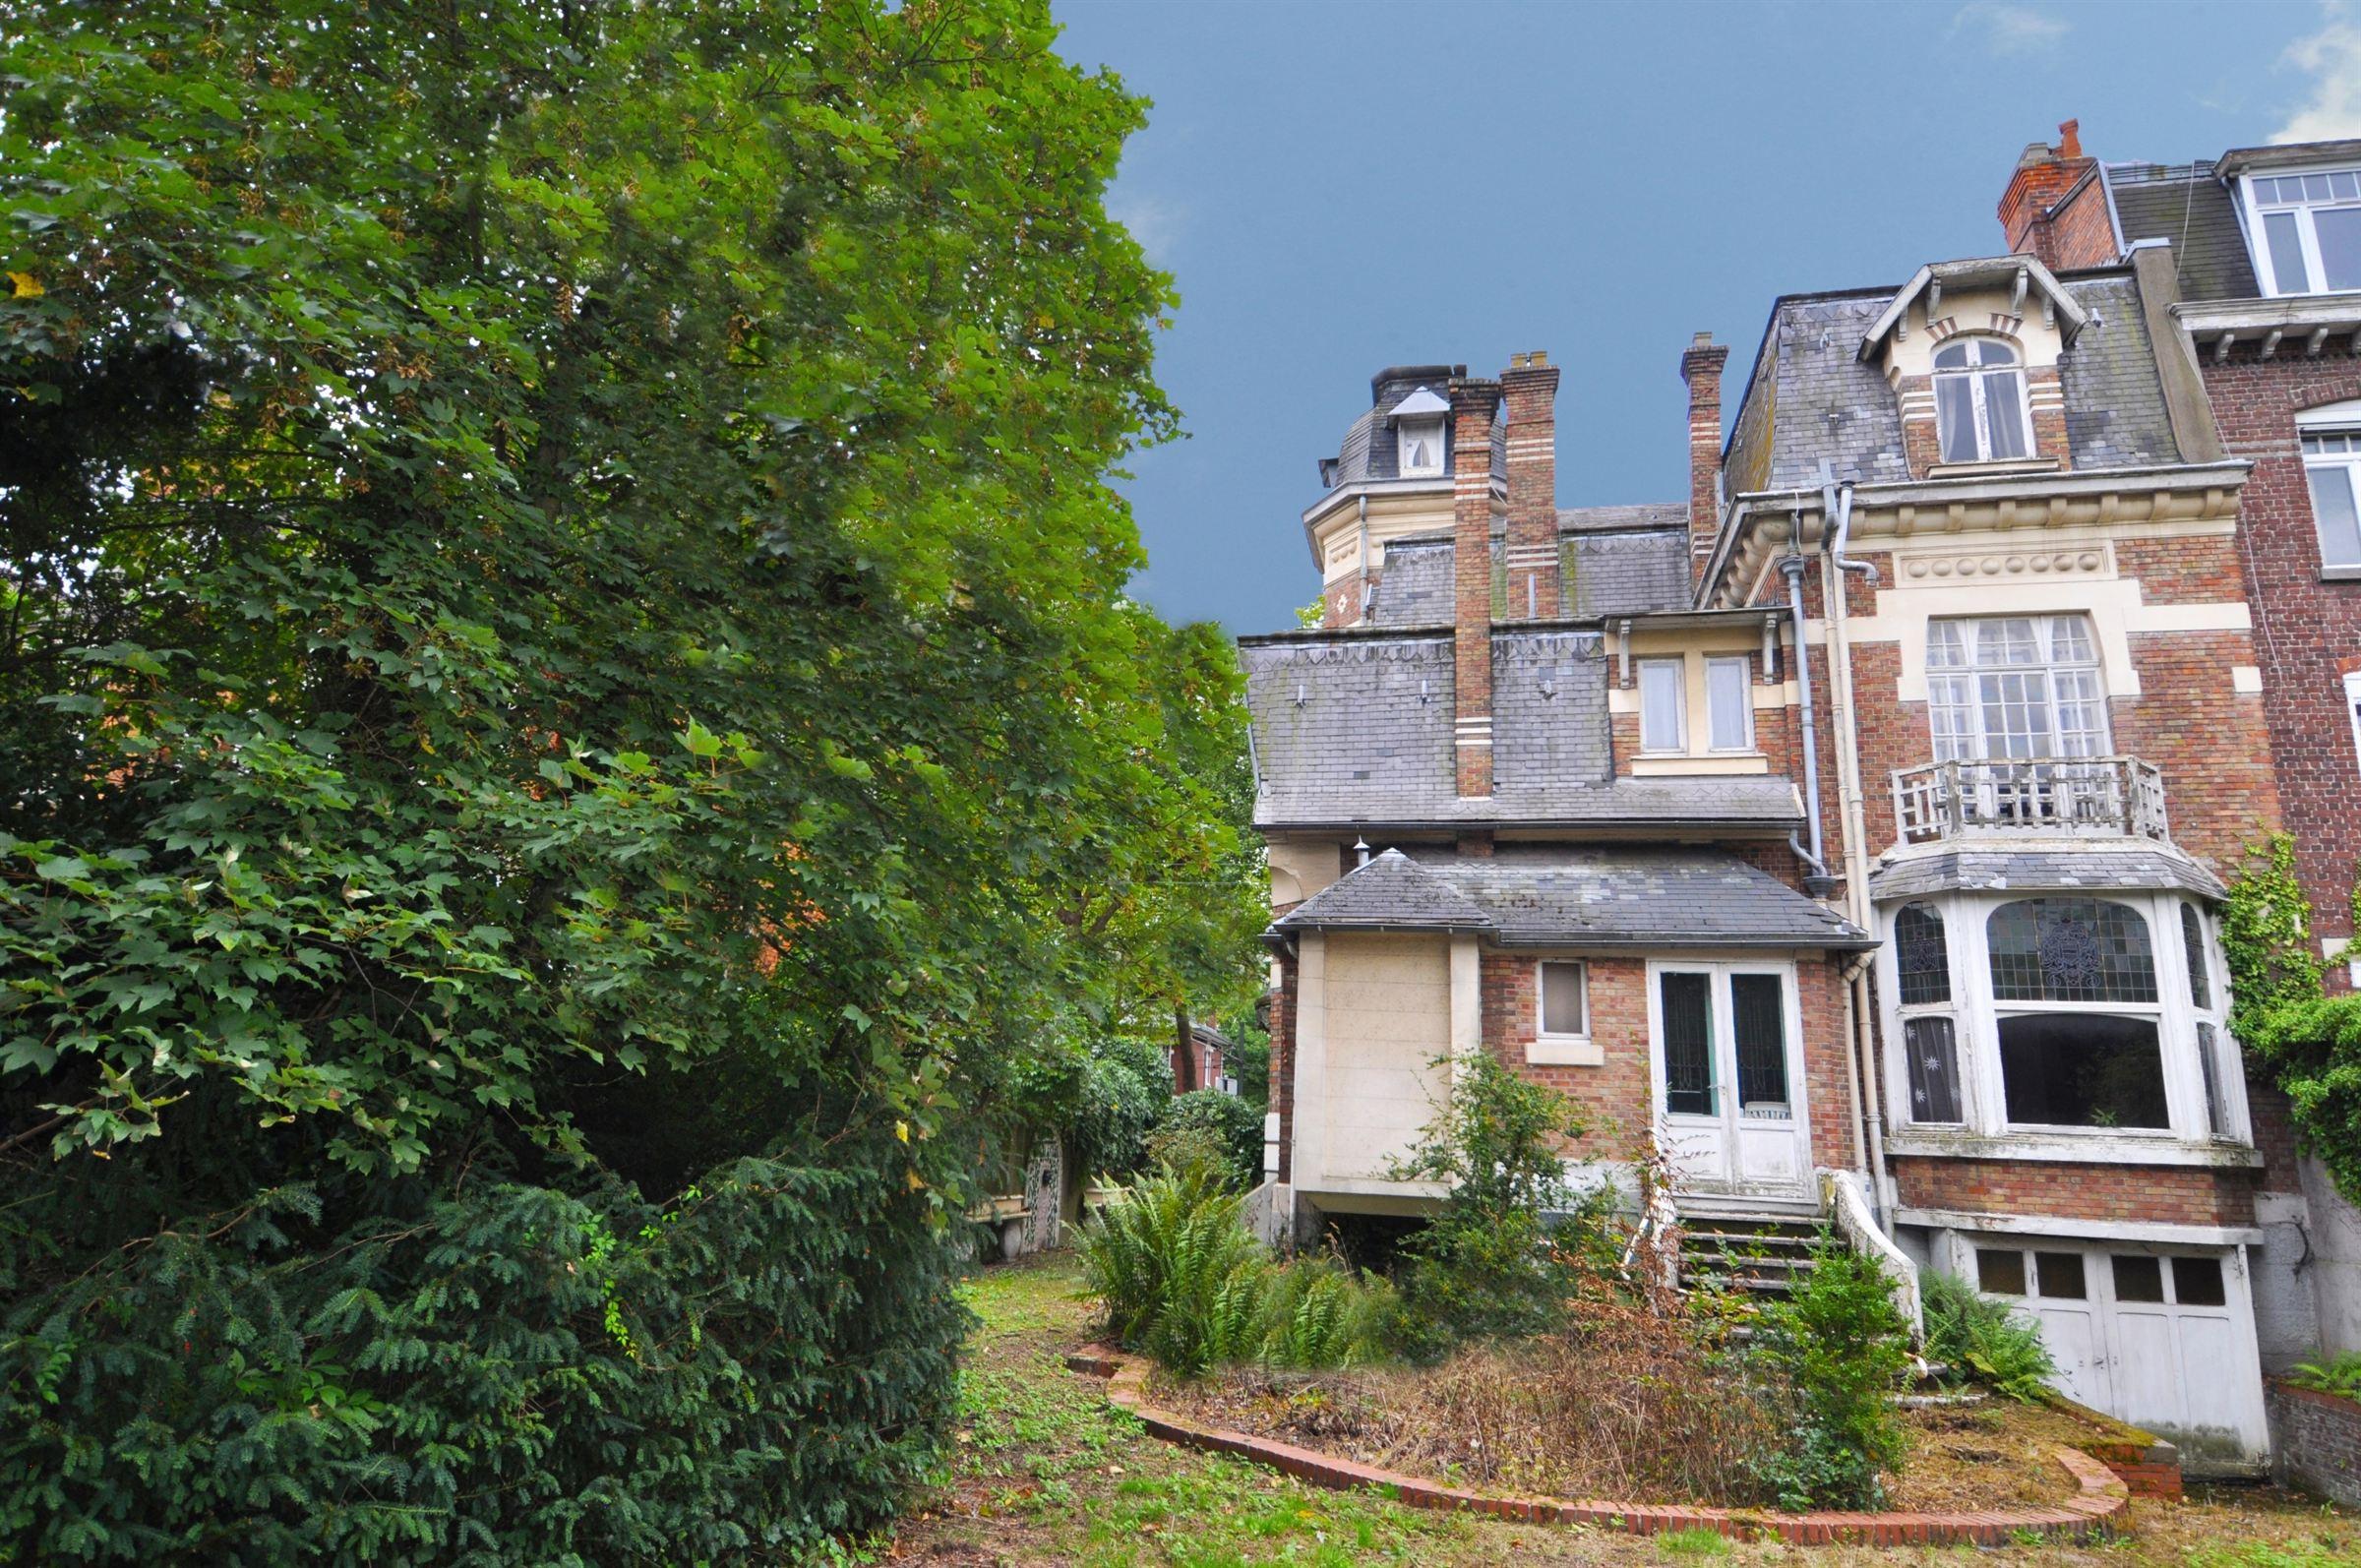 """Property For Sale at VILLENEUVE D'ASCQ, Sart aréa, Villa """"Art Deco"""" of 220 m2 hab."""